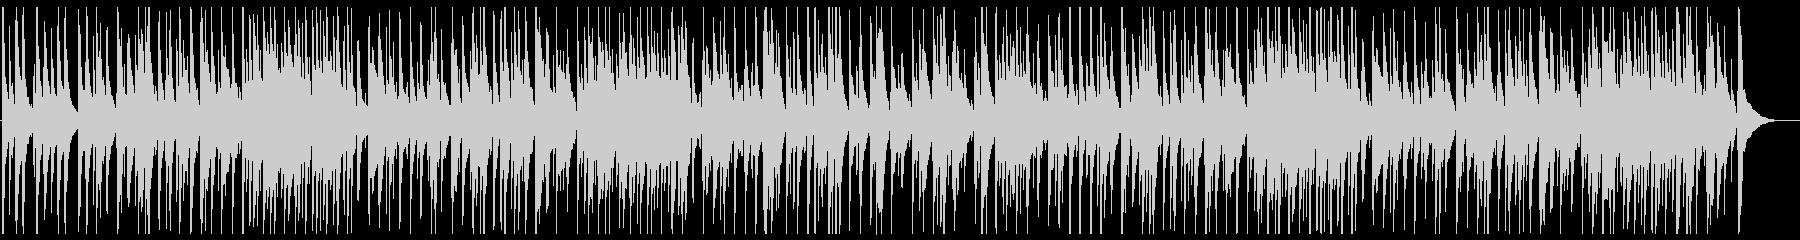 故郷(ふるさと)ウクレレカバーの未再生の波形